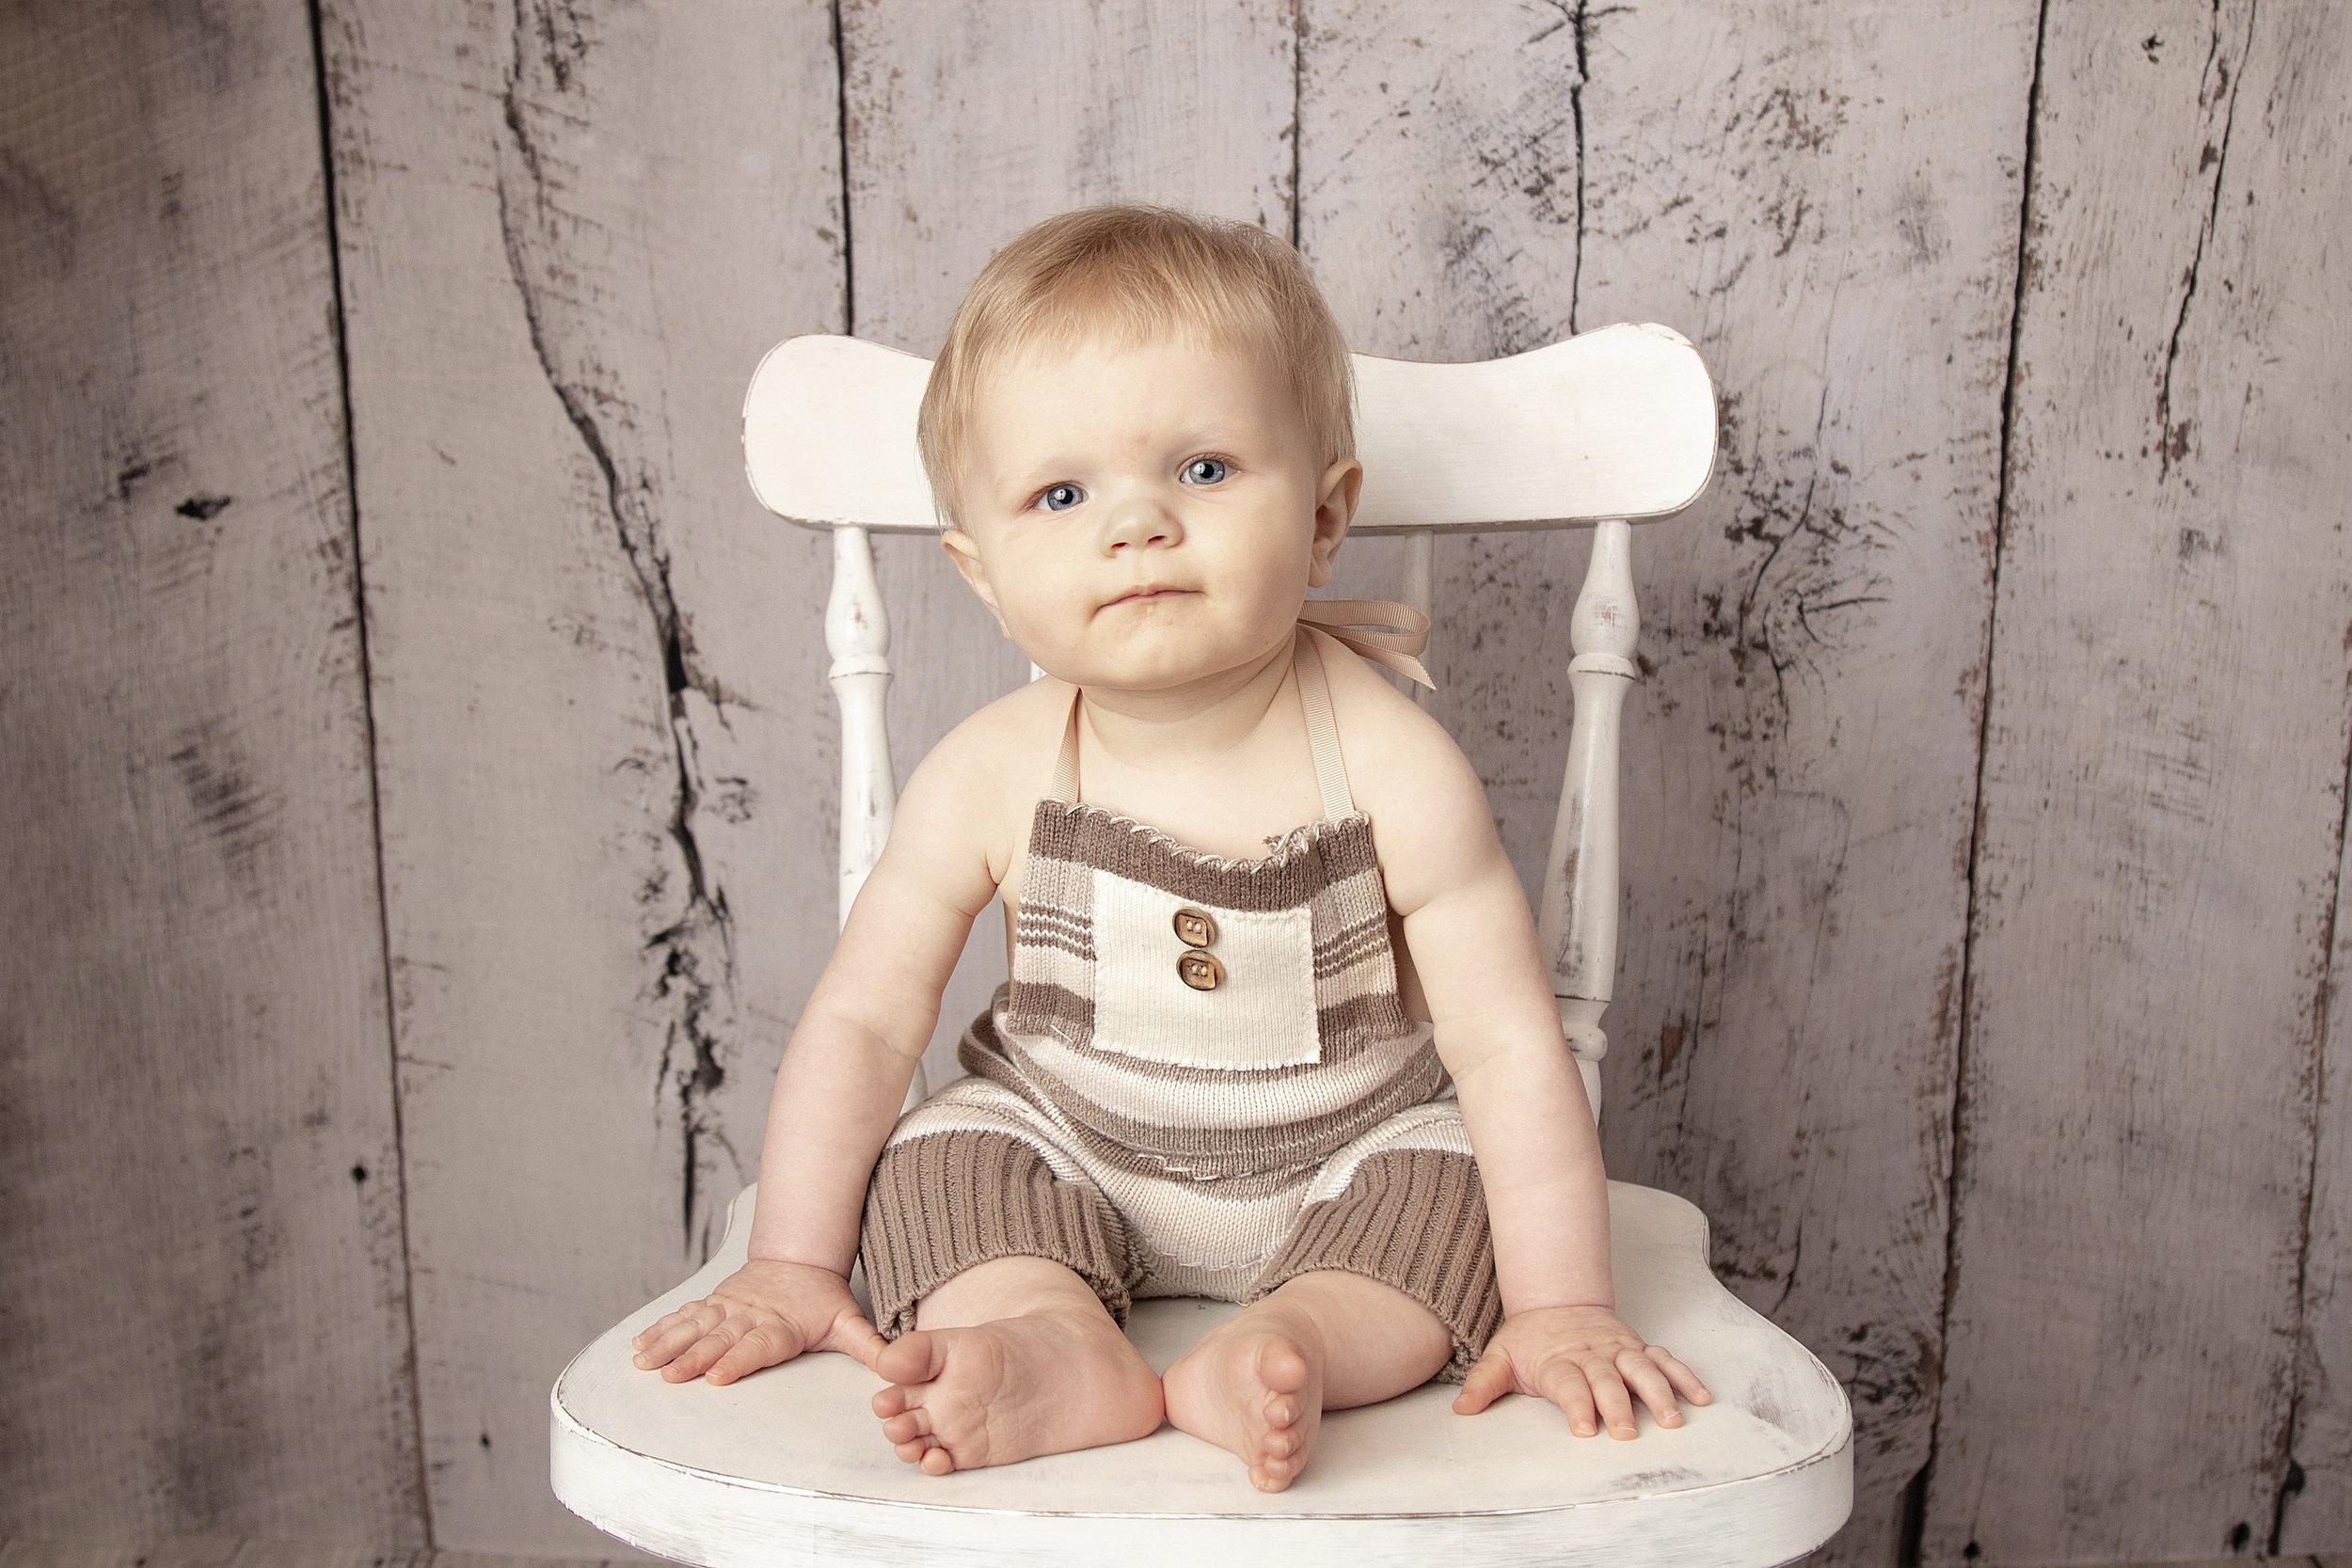 AEP_Wardrobe_Children_009.jpg